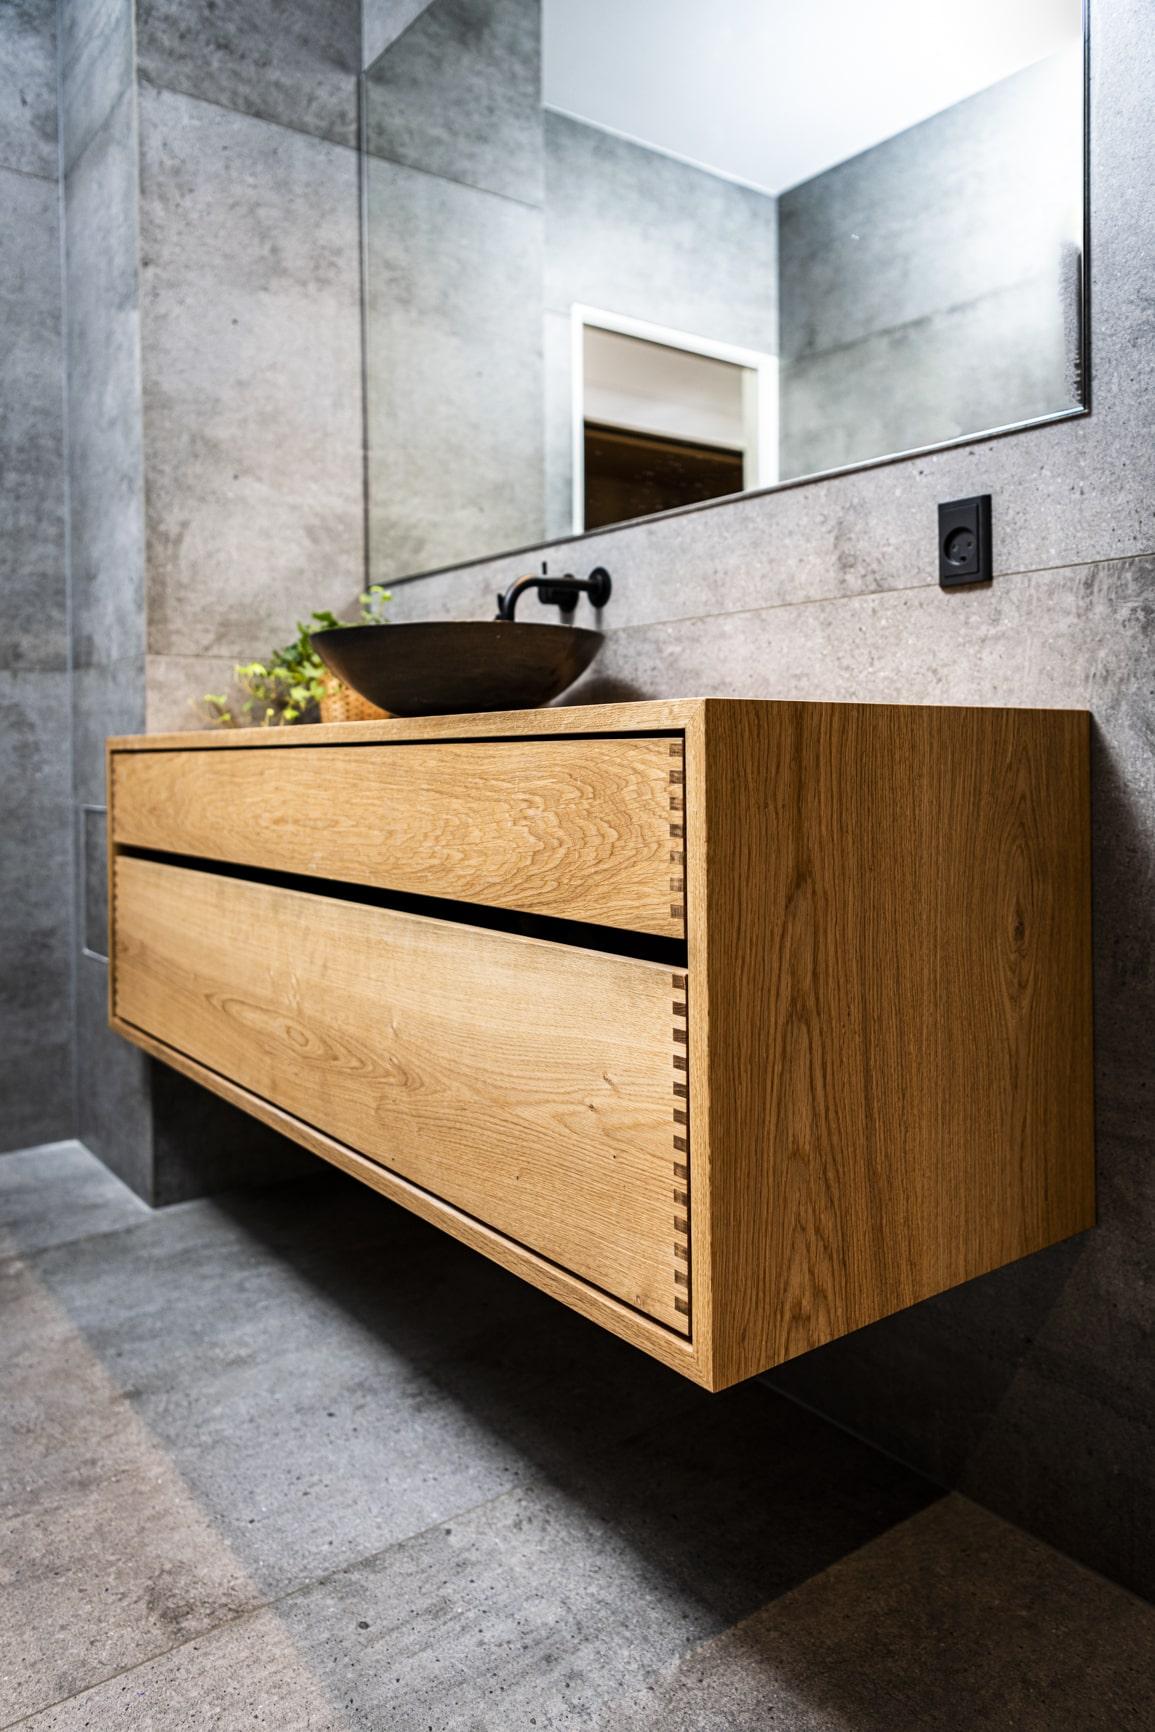 badeværelsesmøbel badeværelsesskab egetræ